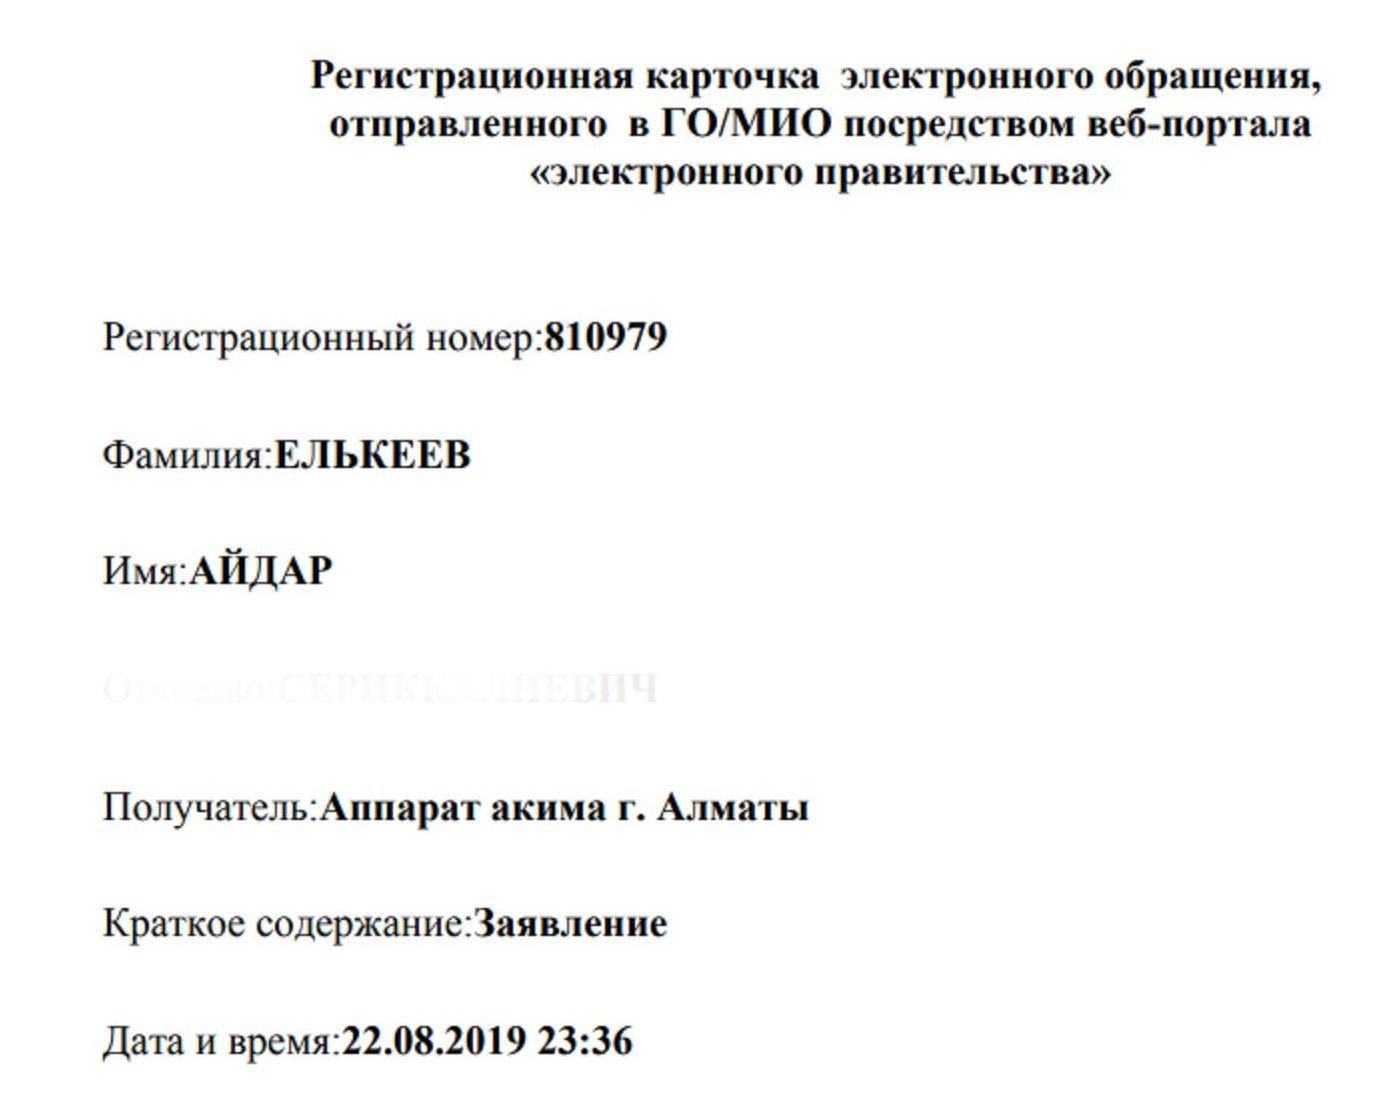 Карточка электронного заявления в акимат Алматы о проведении митинга в поддержку ЛГБТК-сообщества